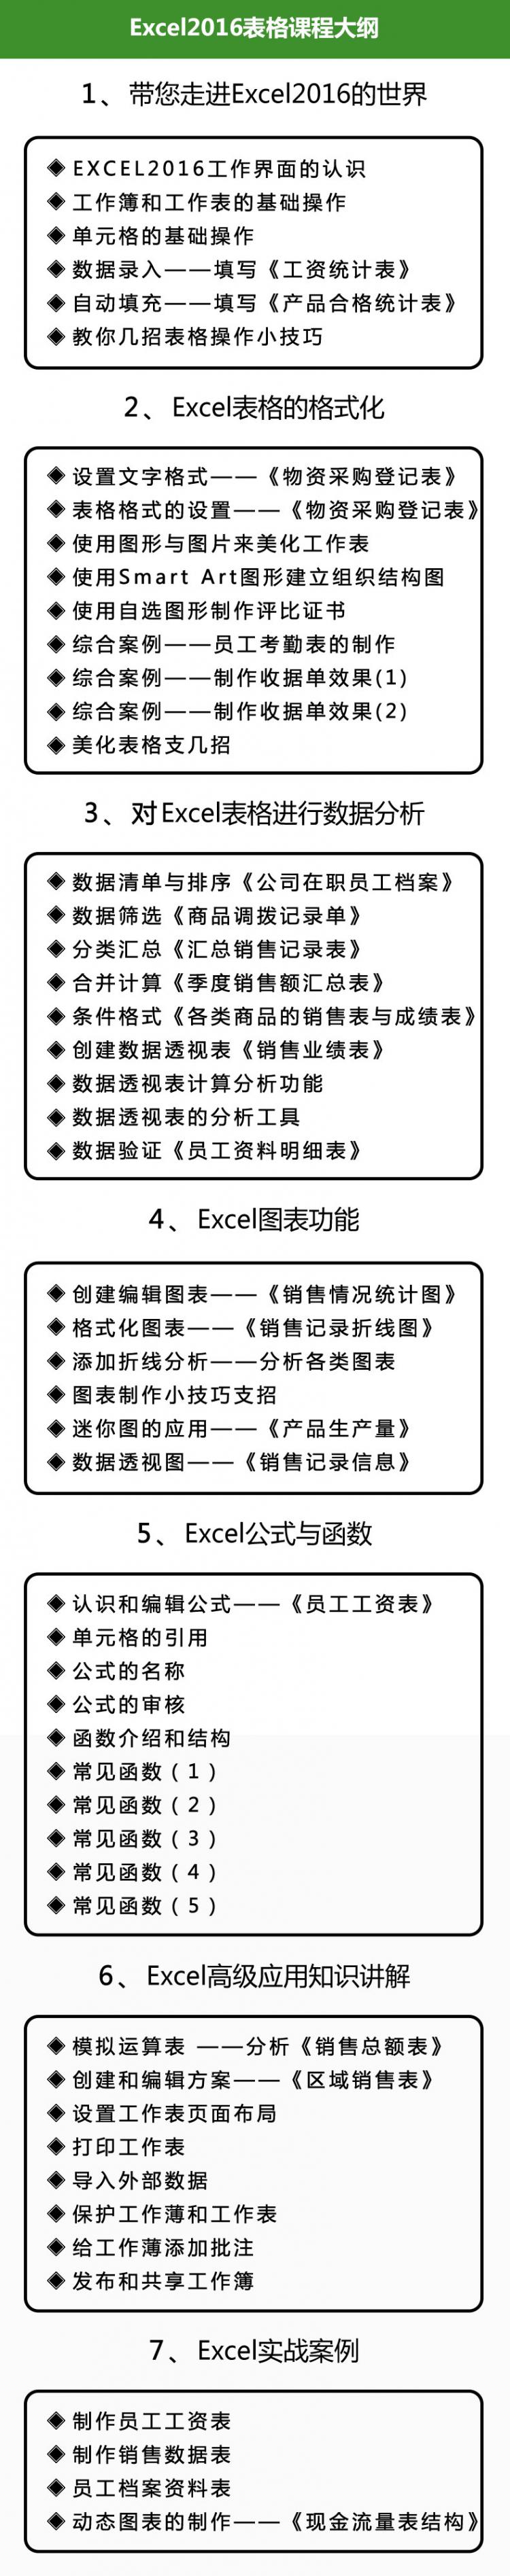 4Excel表格课程大纲.jpg